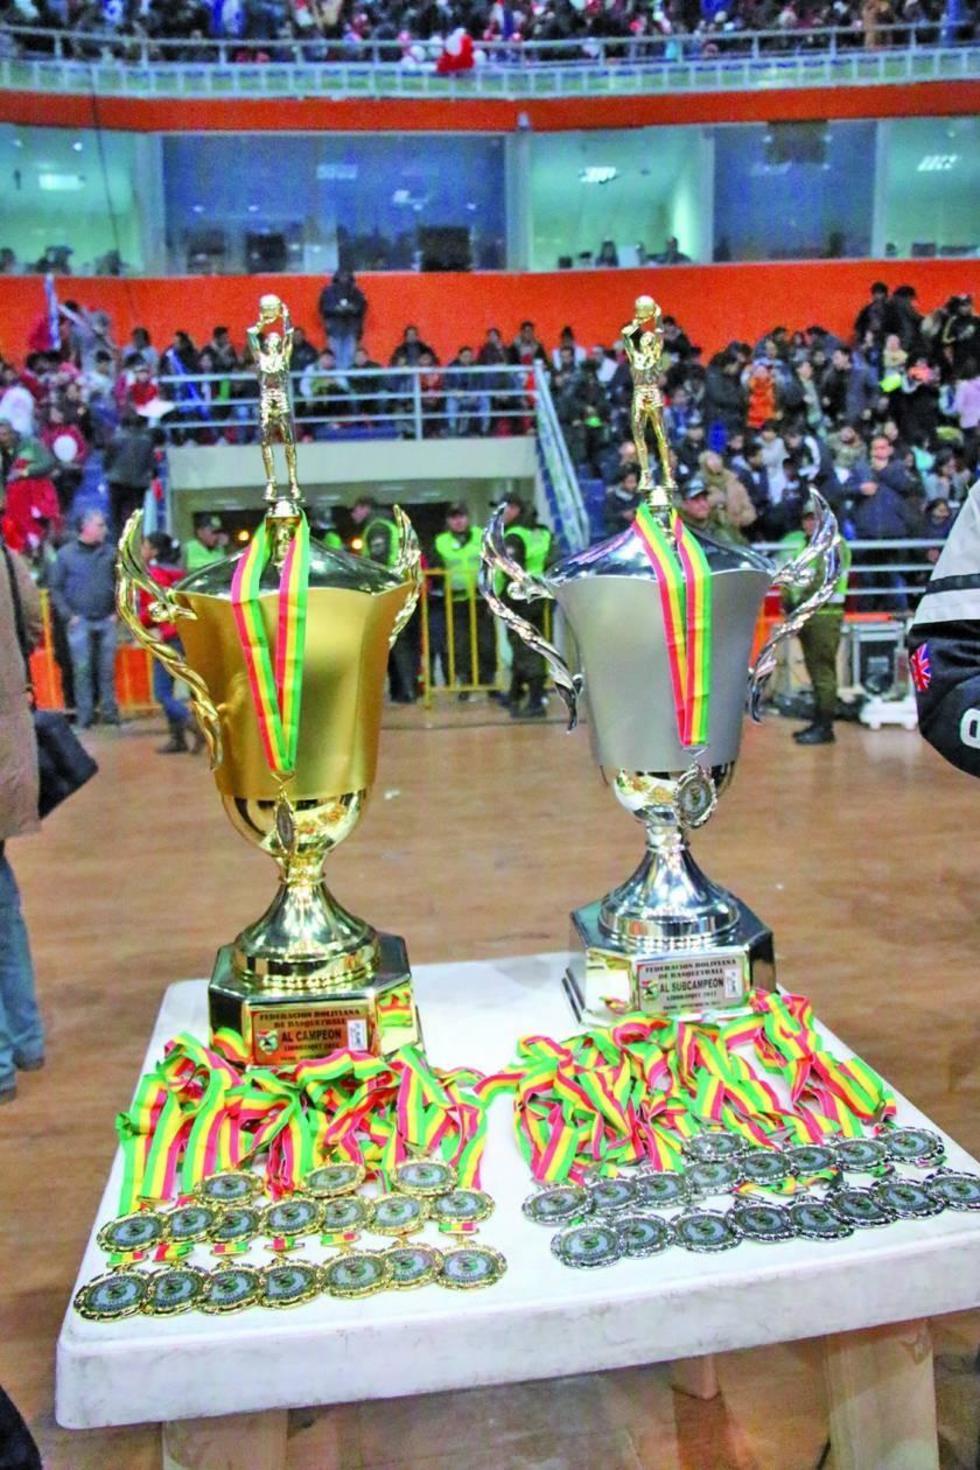 Los trofeos y medallas que serán entregados el viernes 15.